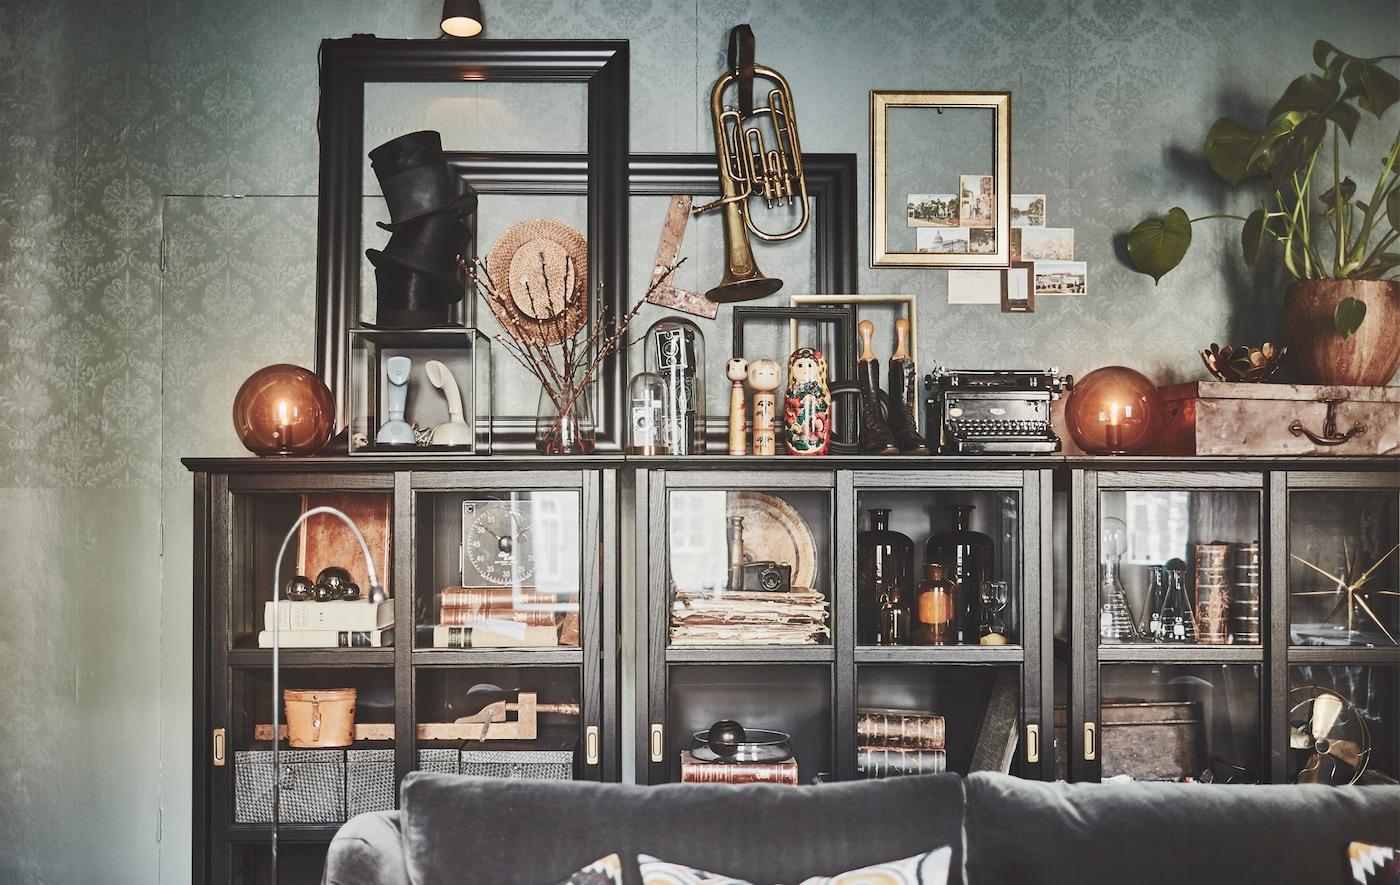 Beirazko atea duen IKEA MALSJÖ kabinetea, oroimenez, pitxerrez, liburuz, marko eta kaxaz beteta.